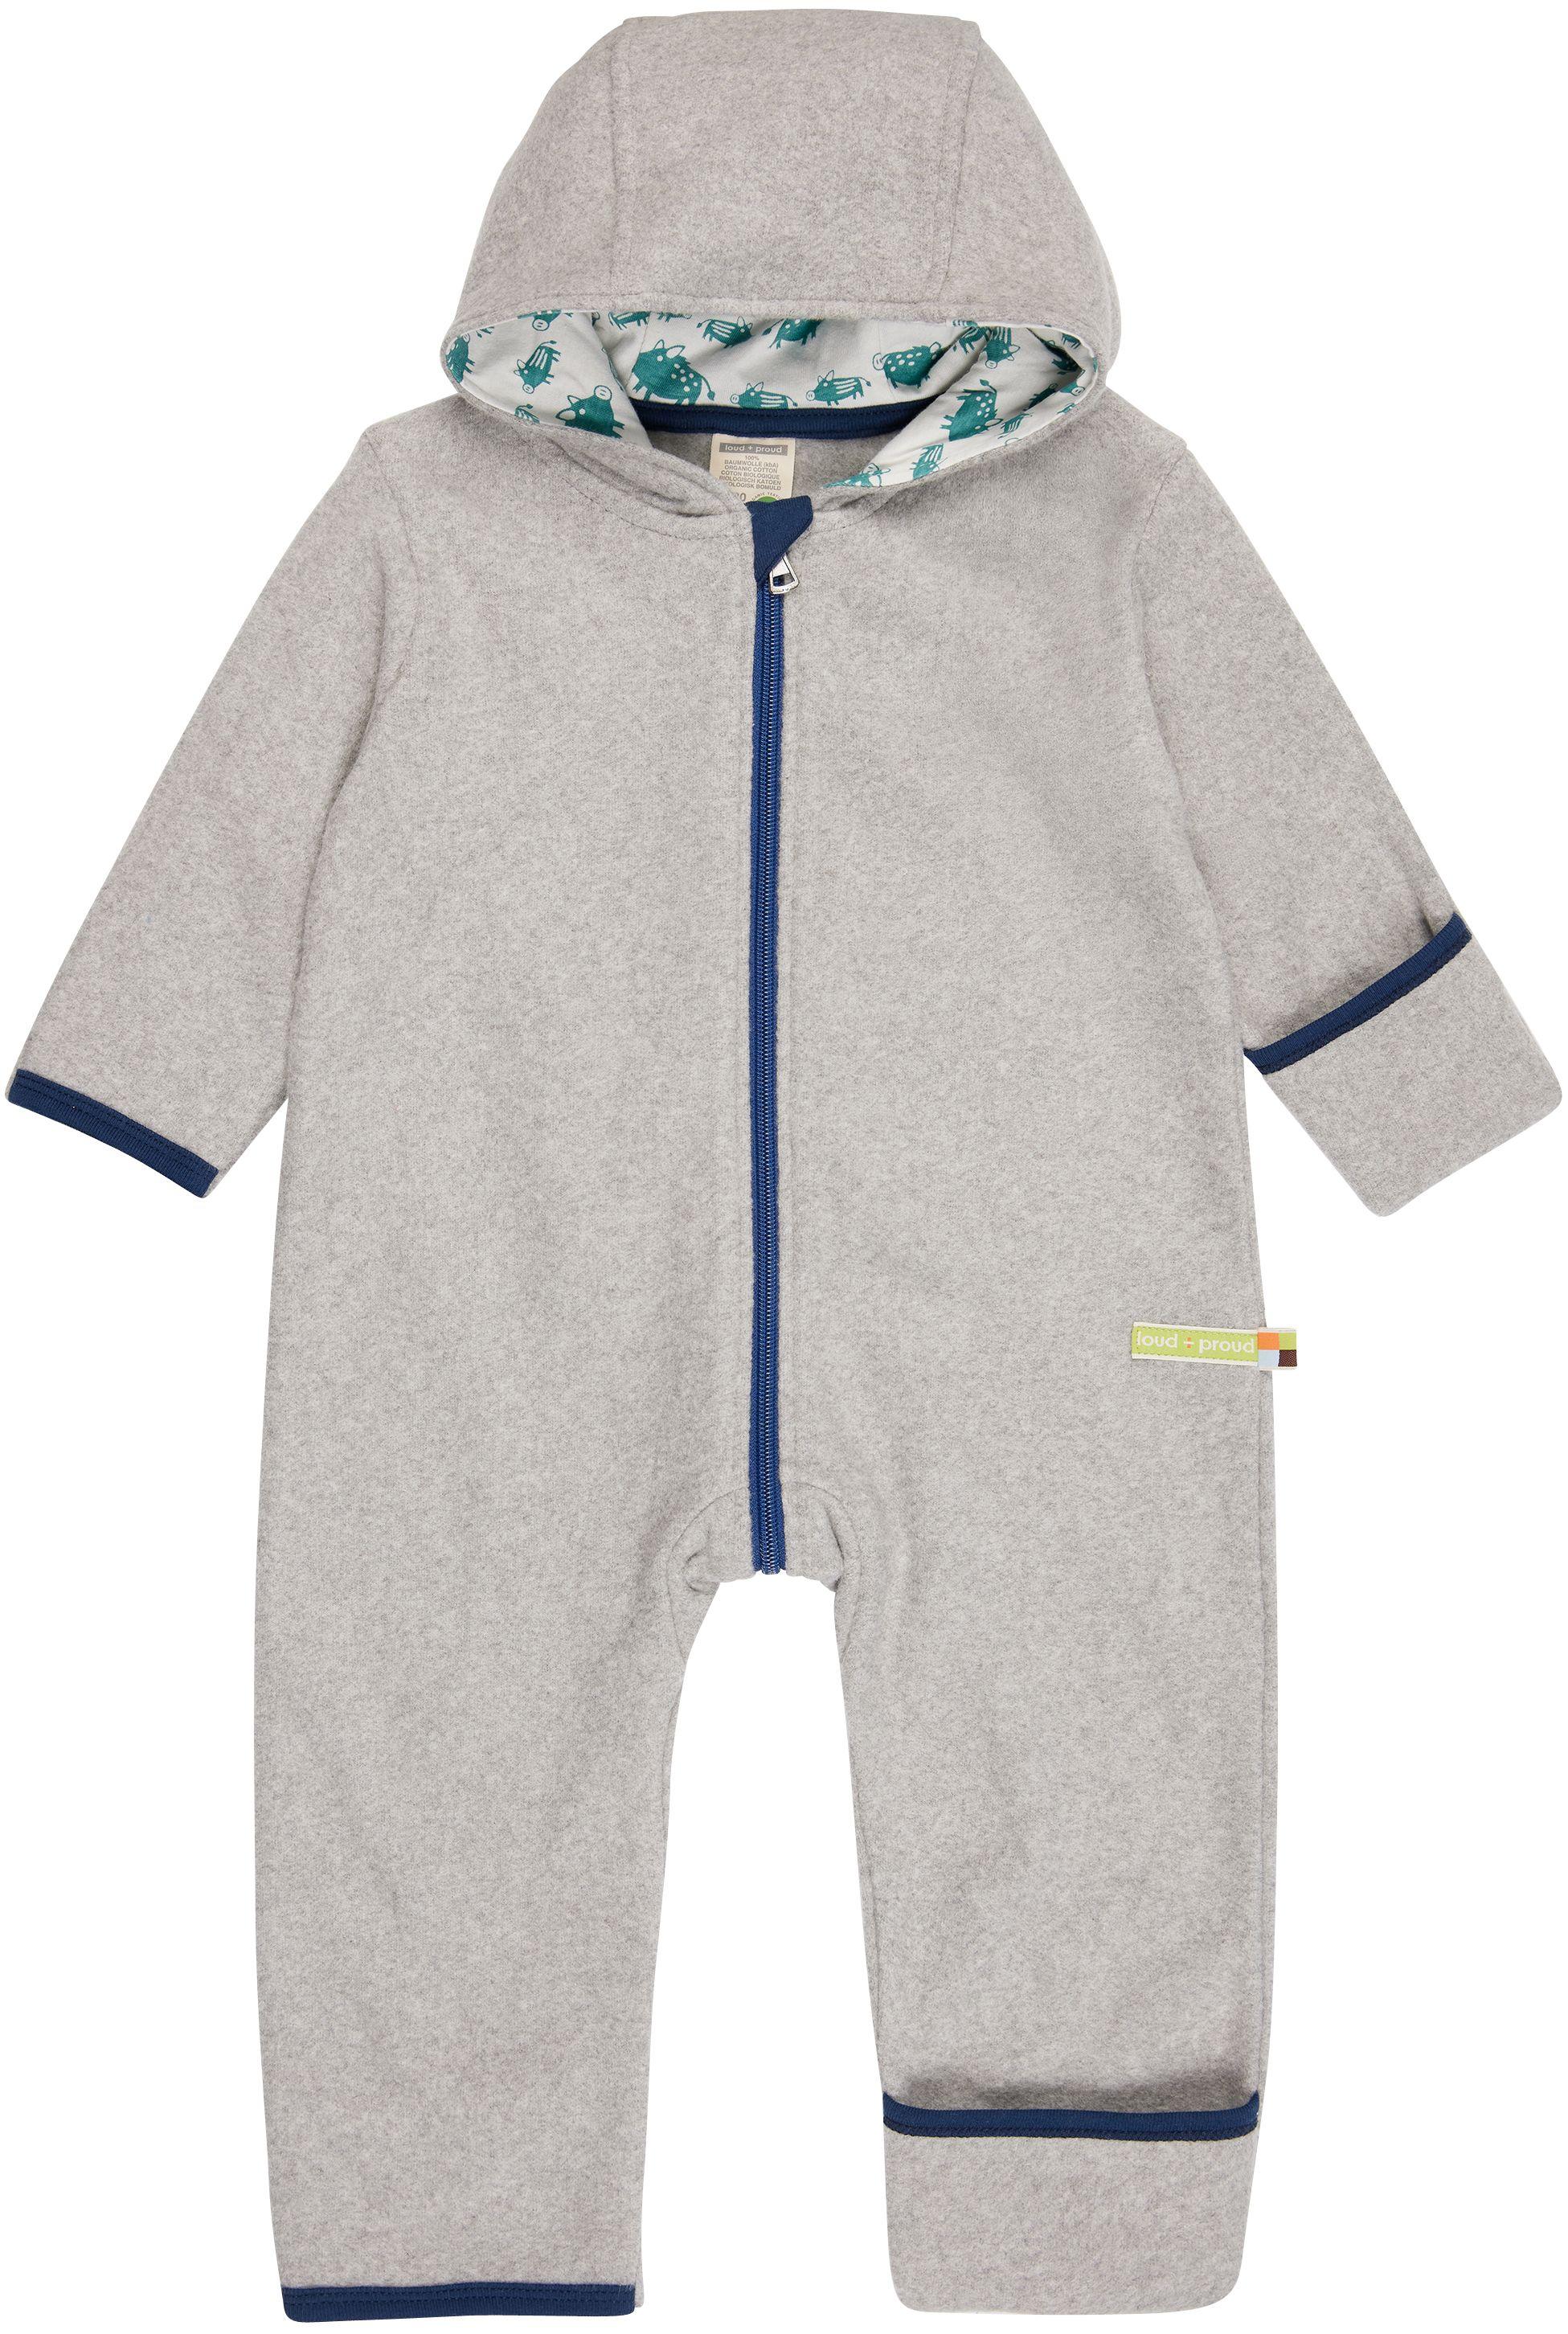 Weicher Fleece-Overall für Kinder in Grau